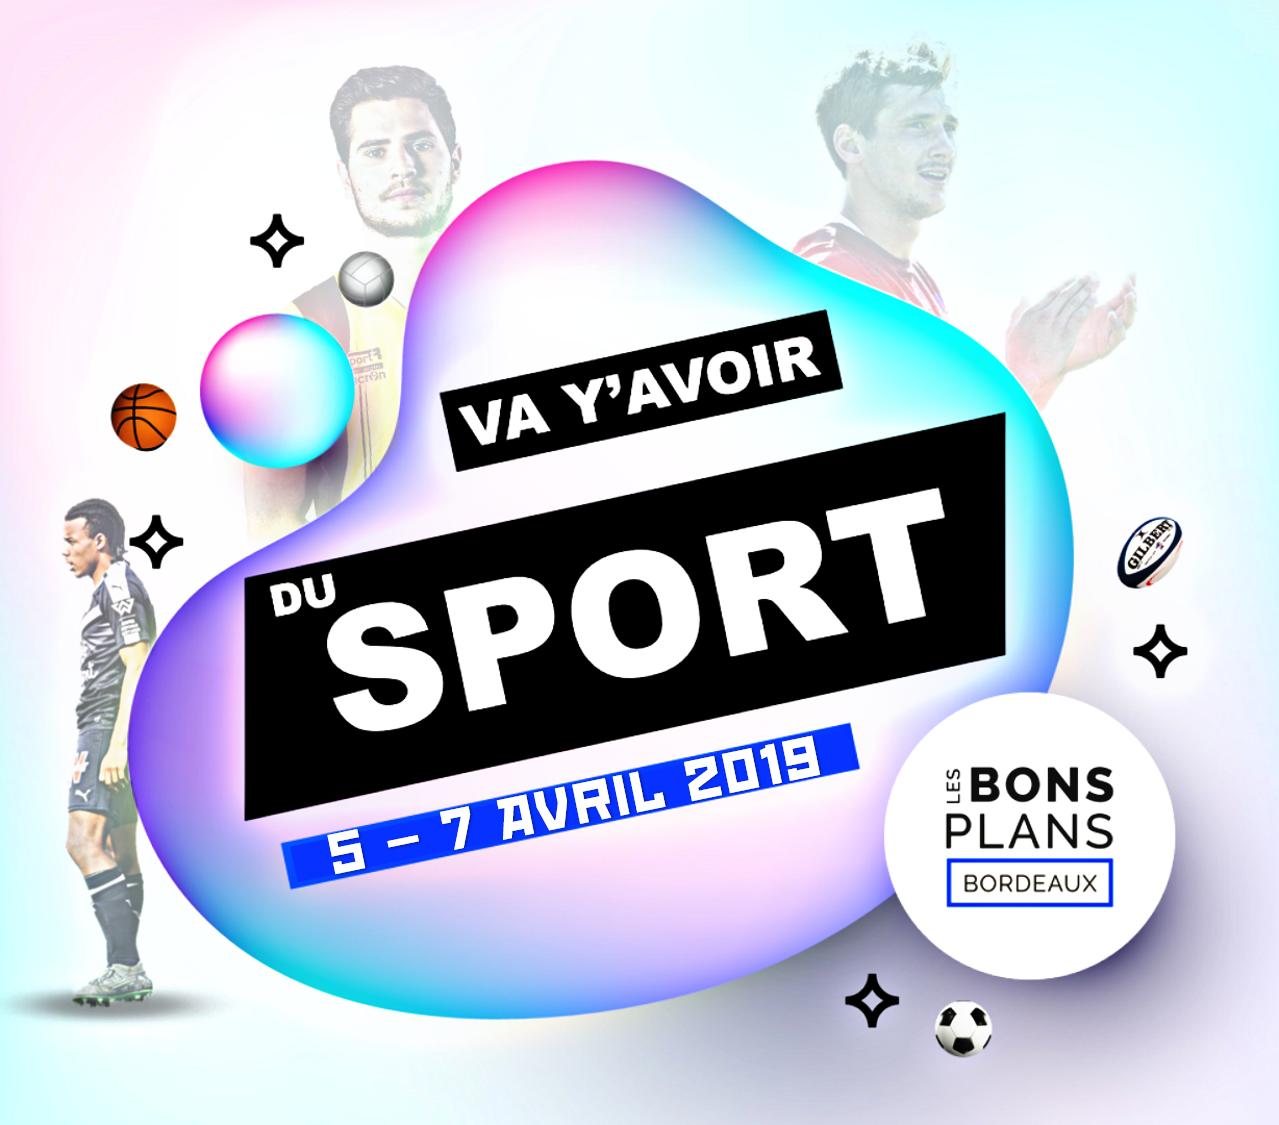 Bons-plans-bordeaux-va-avoir-sport-1